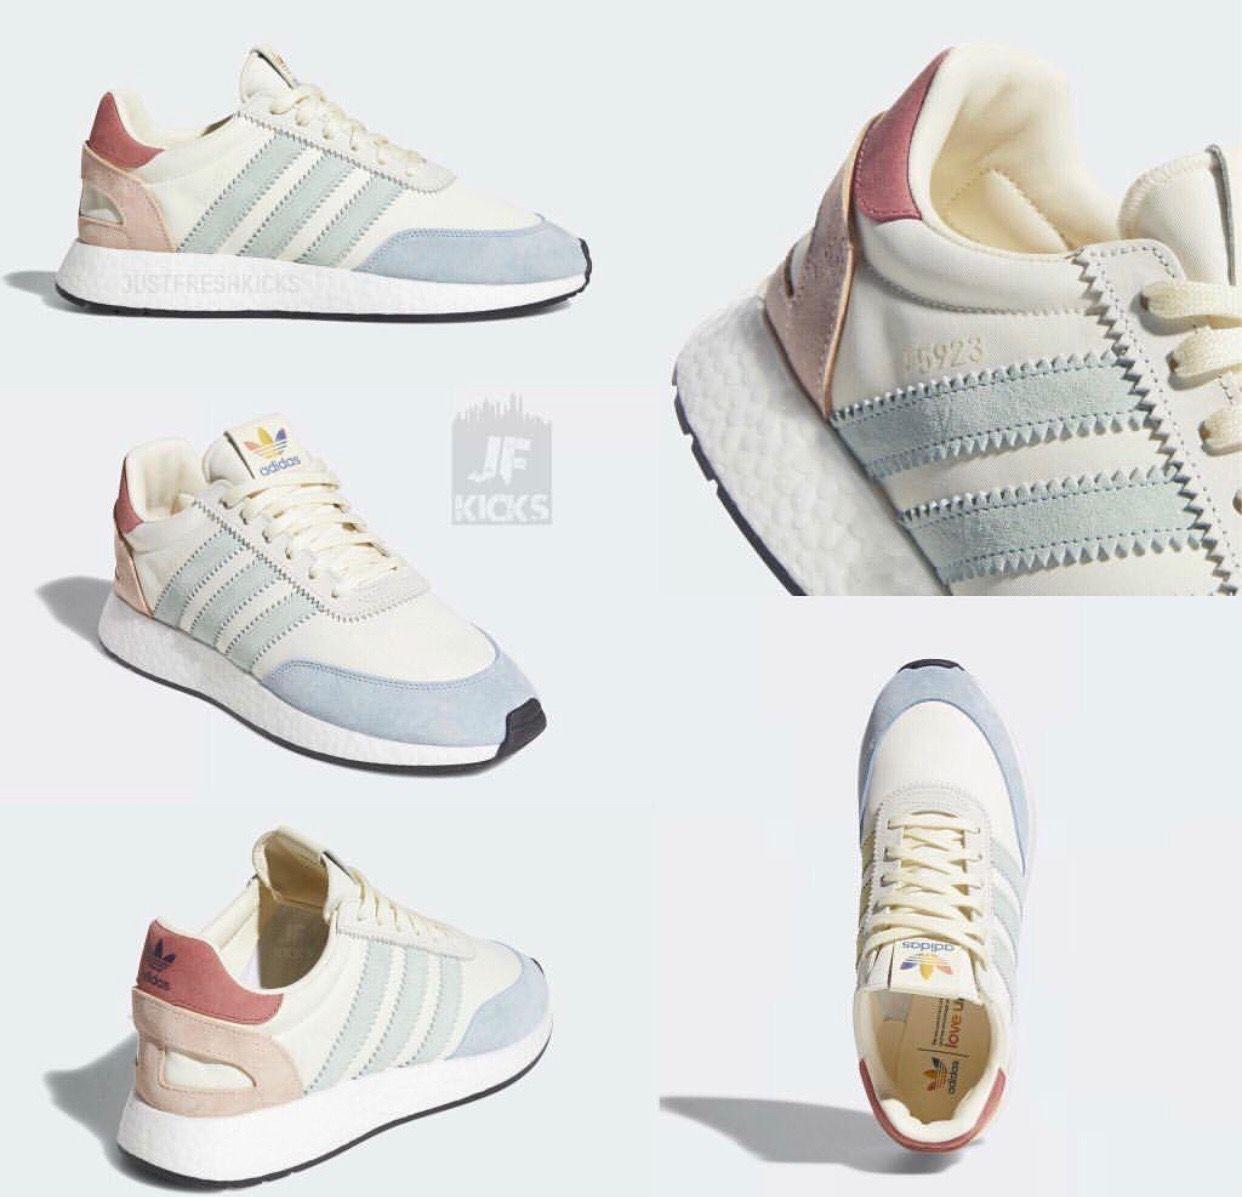 Pin de Nati Gómez en Zapatos | Zapatos, Zapatillas, Calzas